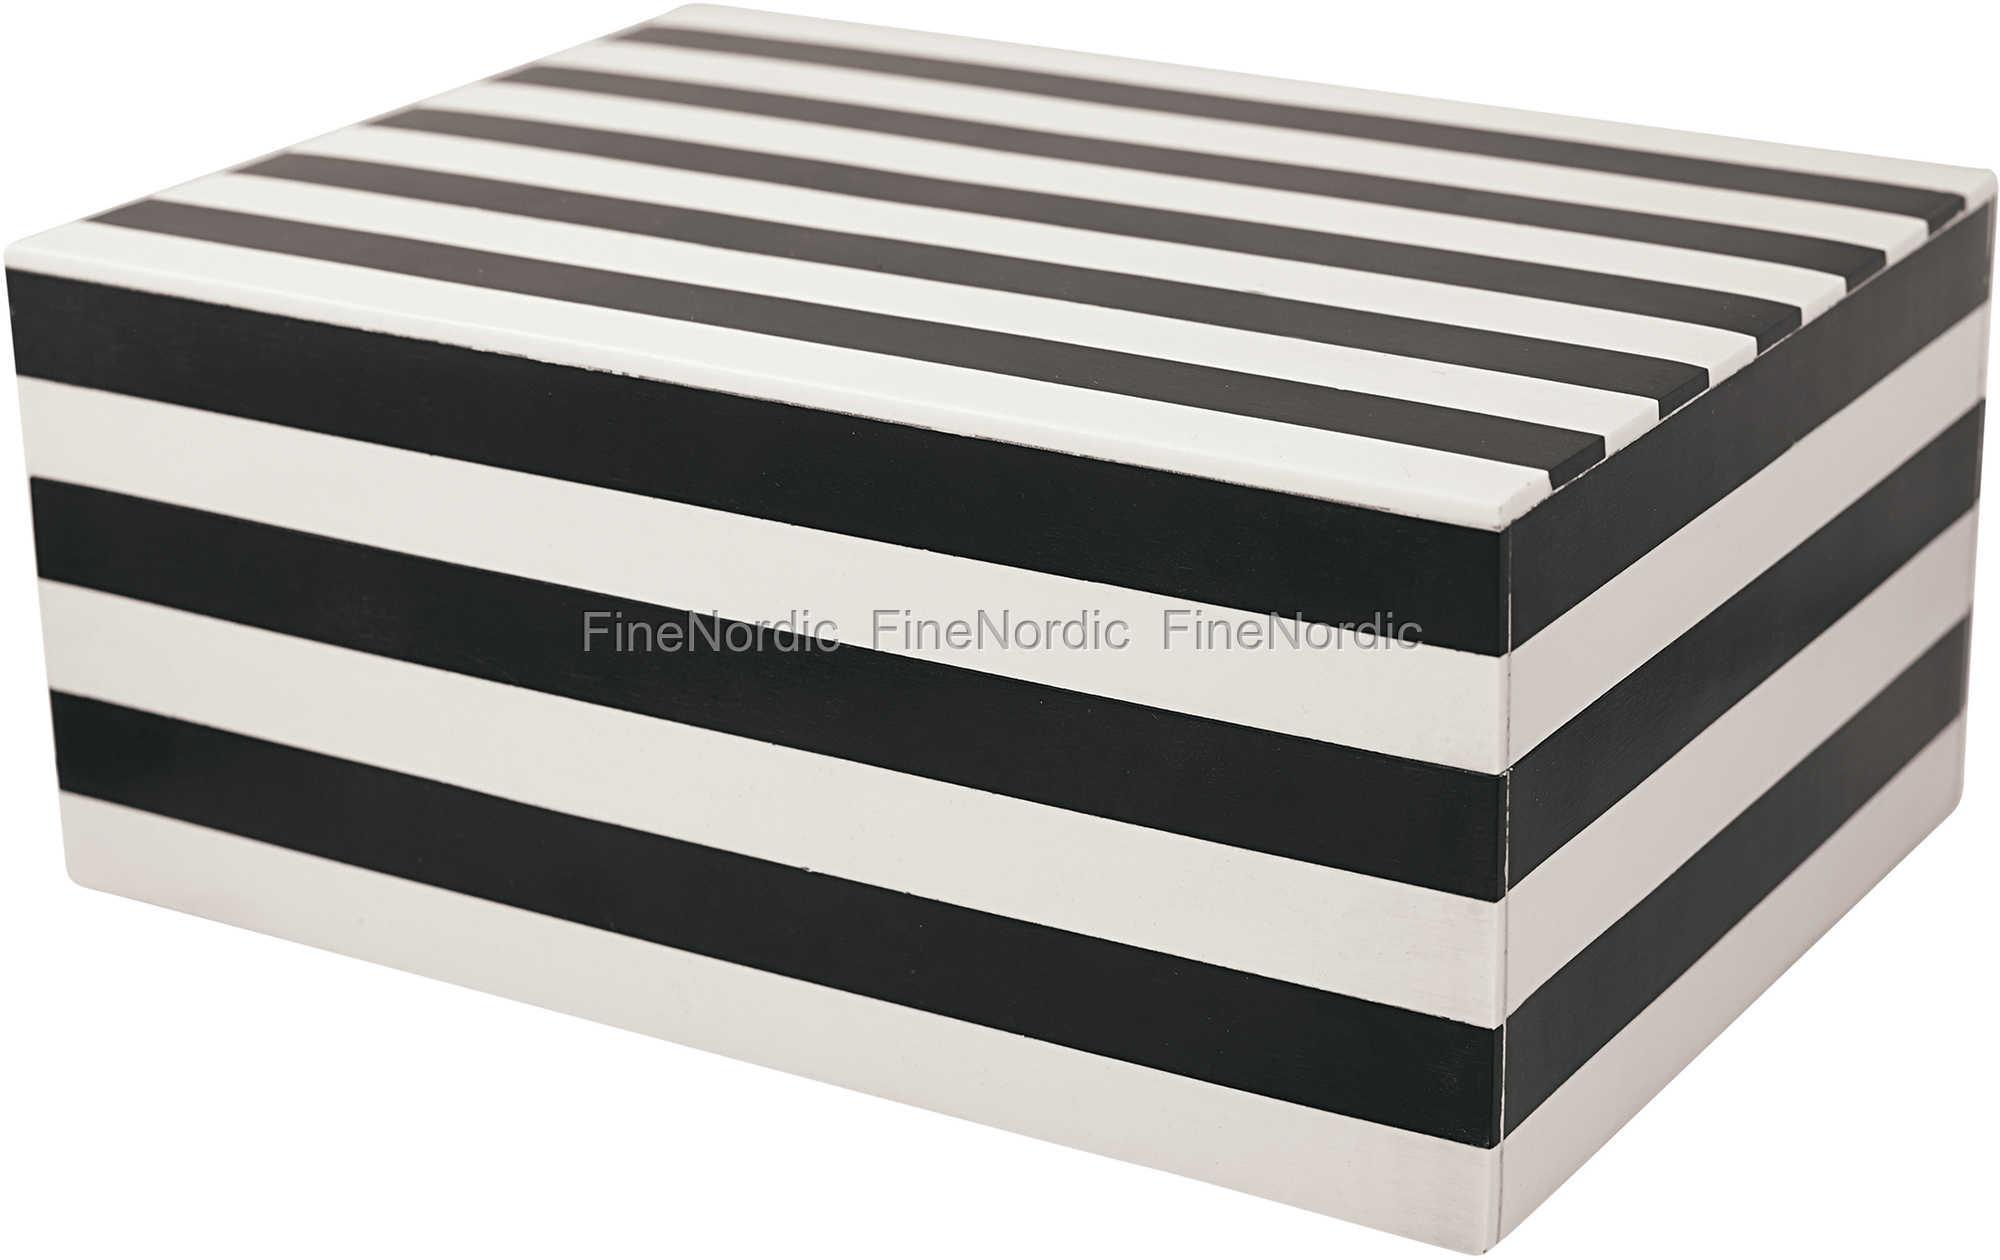 Greengate Gatenoir Aufbewahrungsbox Storage Box Stripe Black